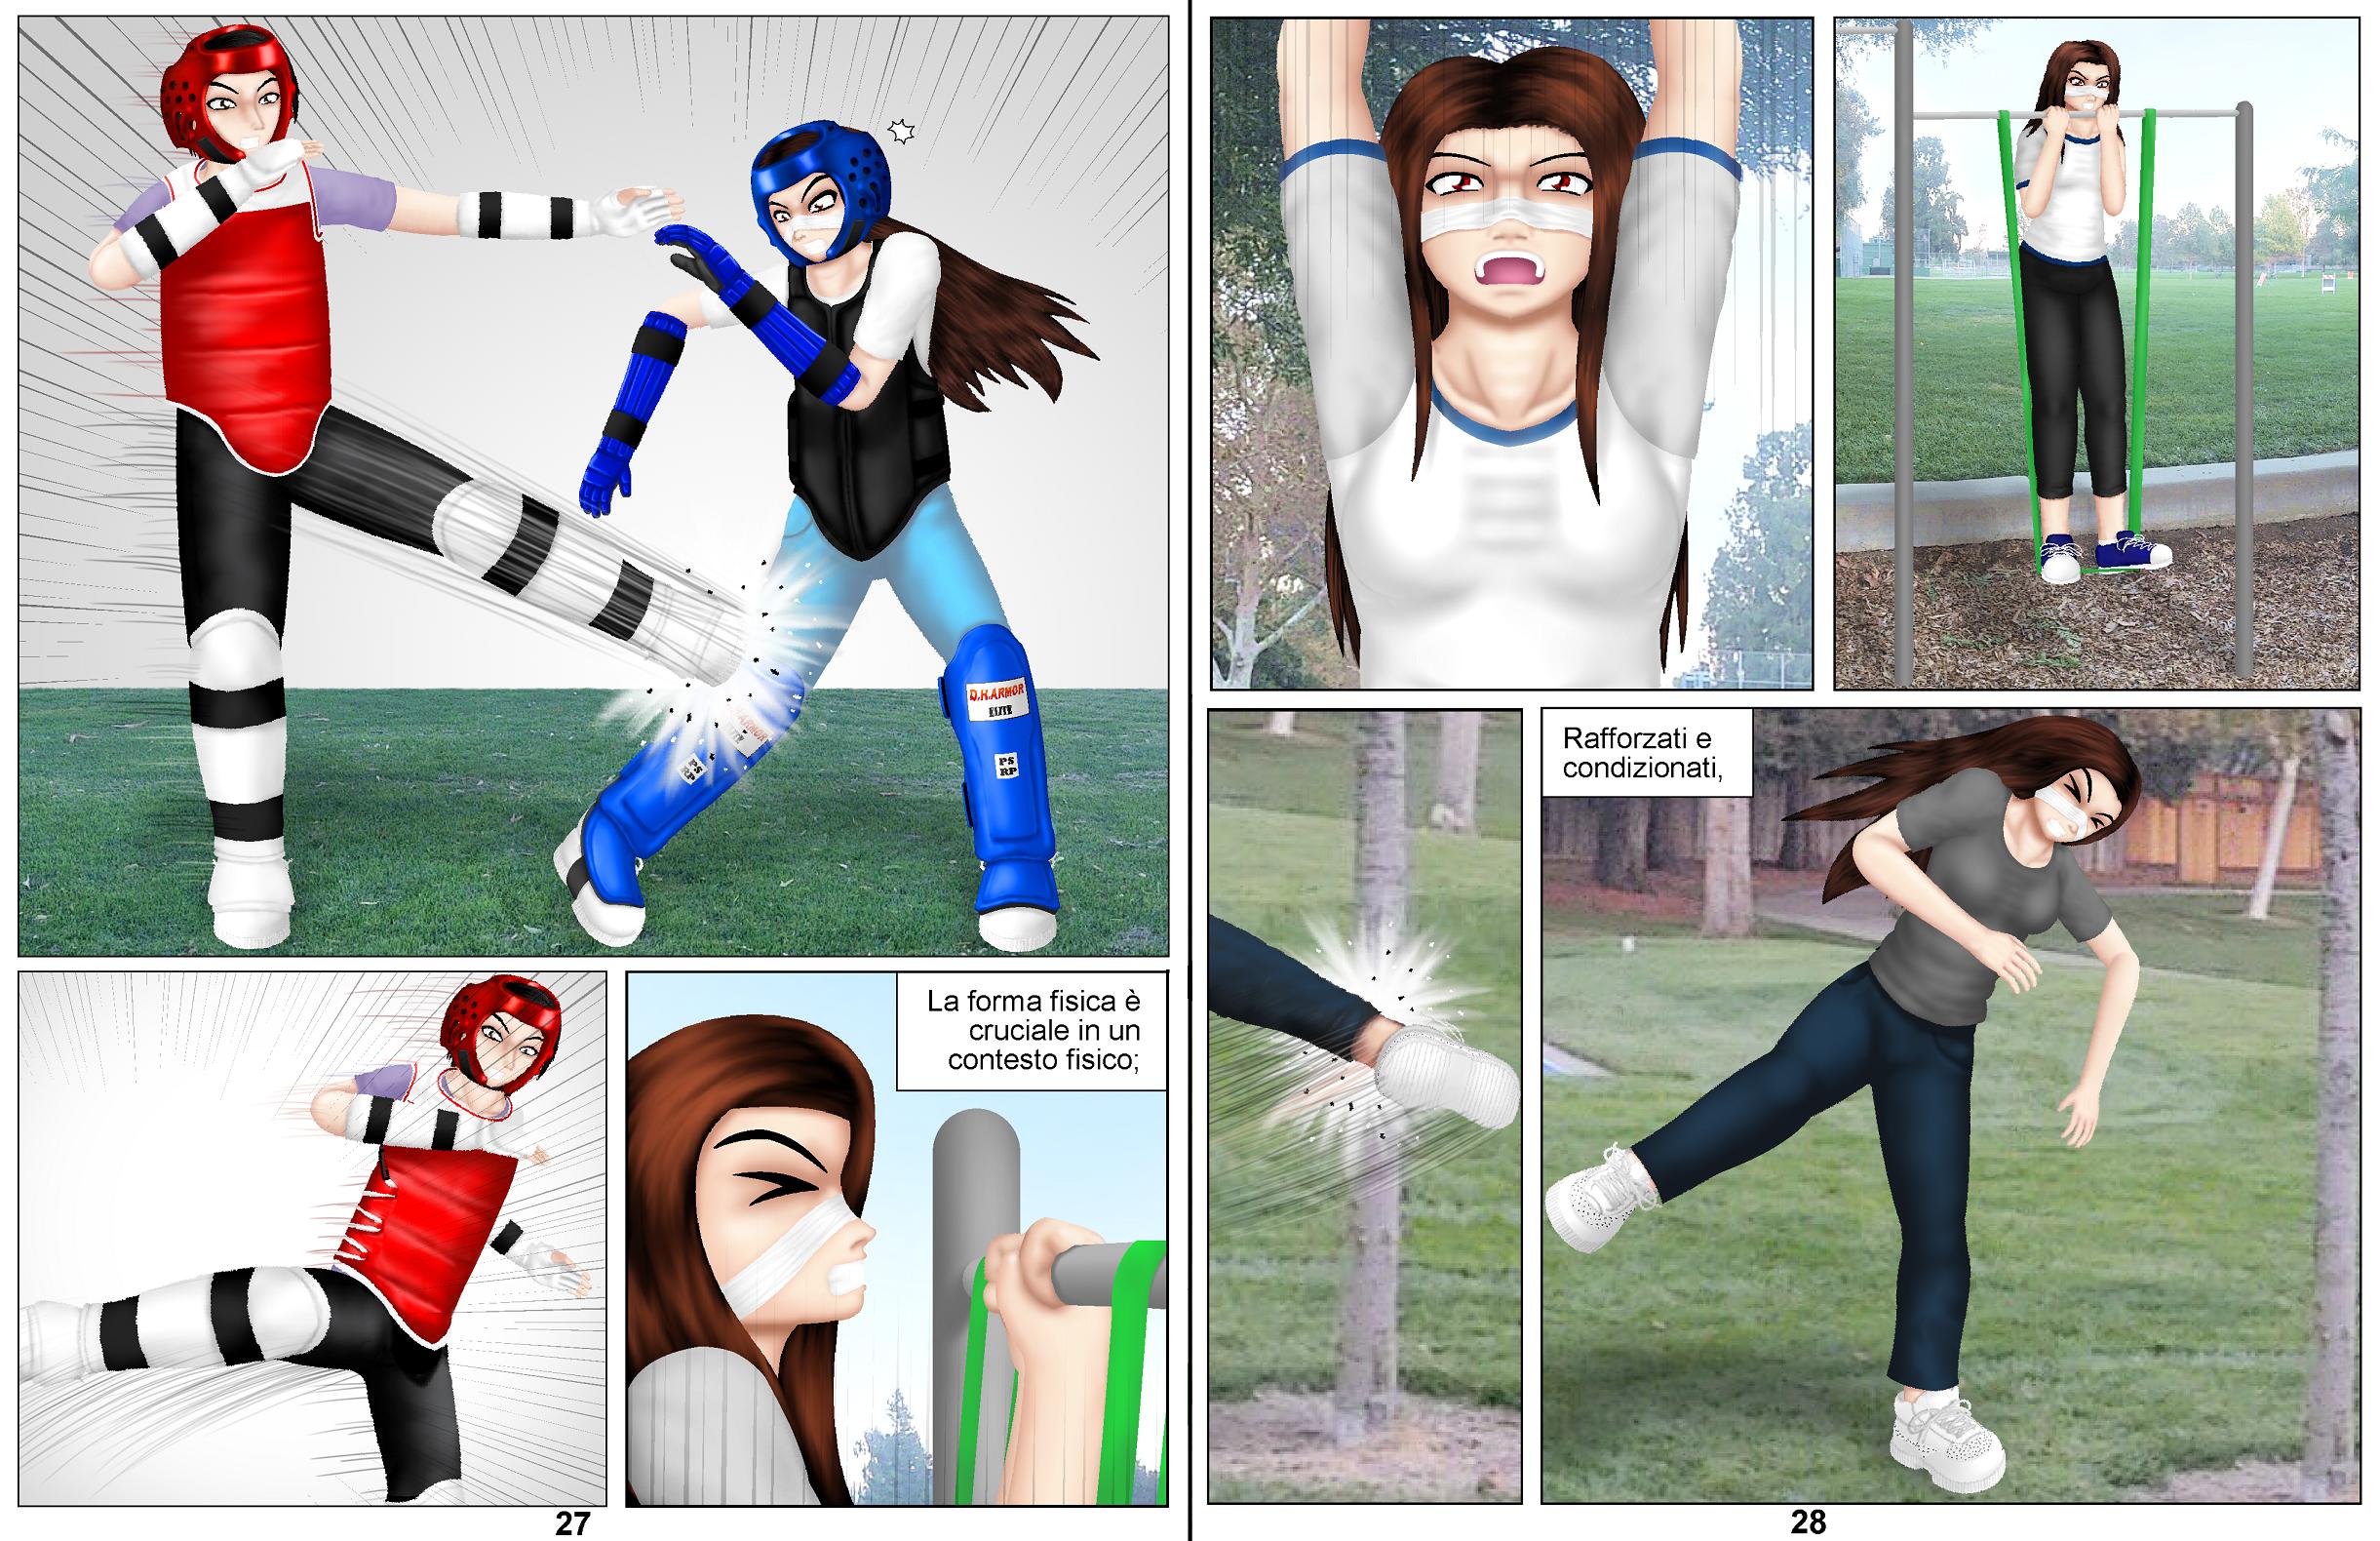 Demon Hunters Capitolo 6 Pagina 27-28